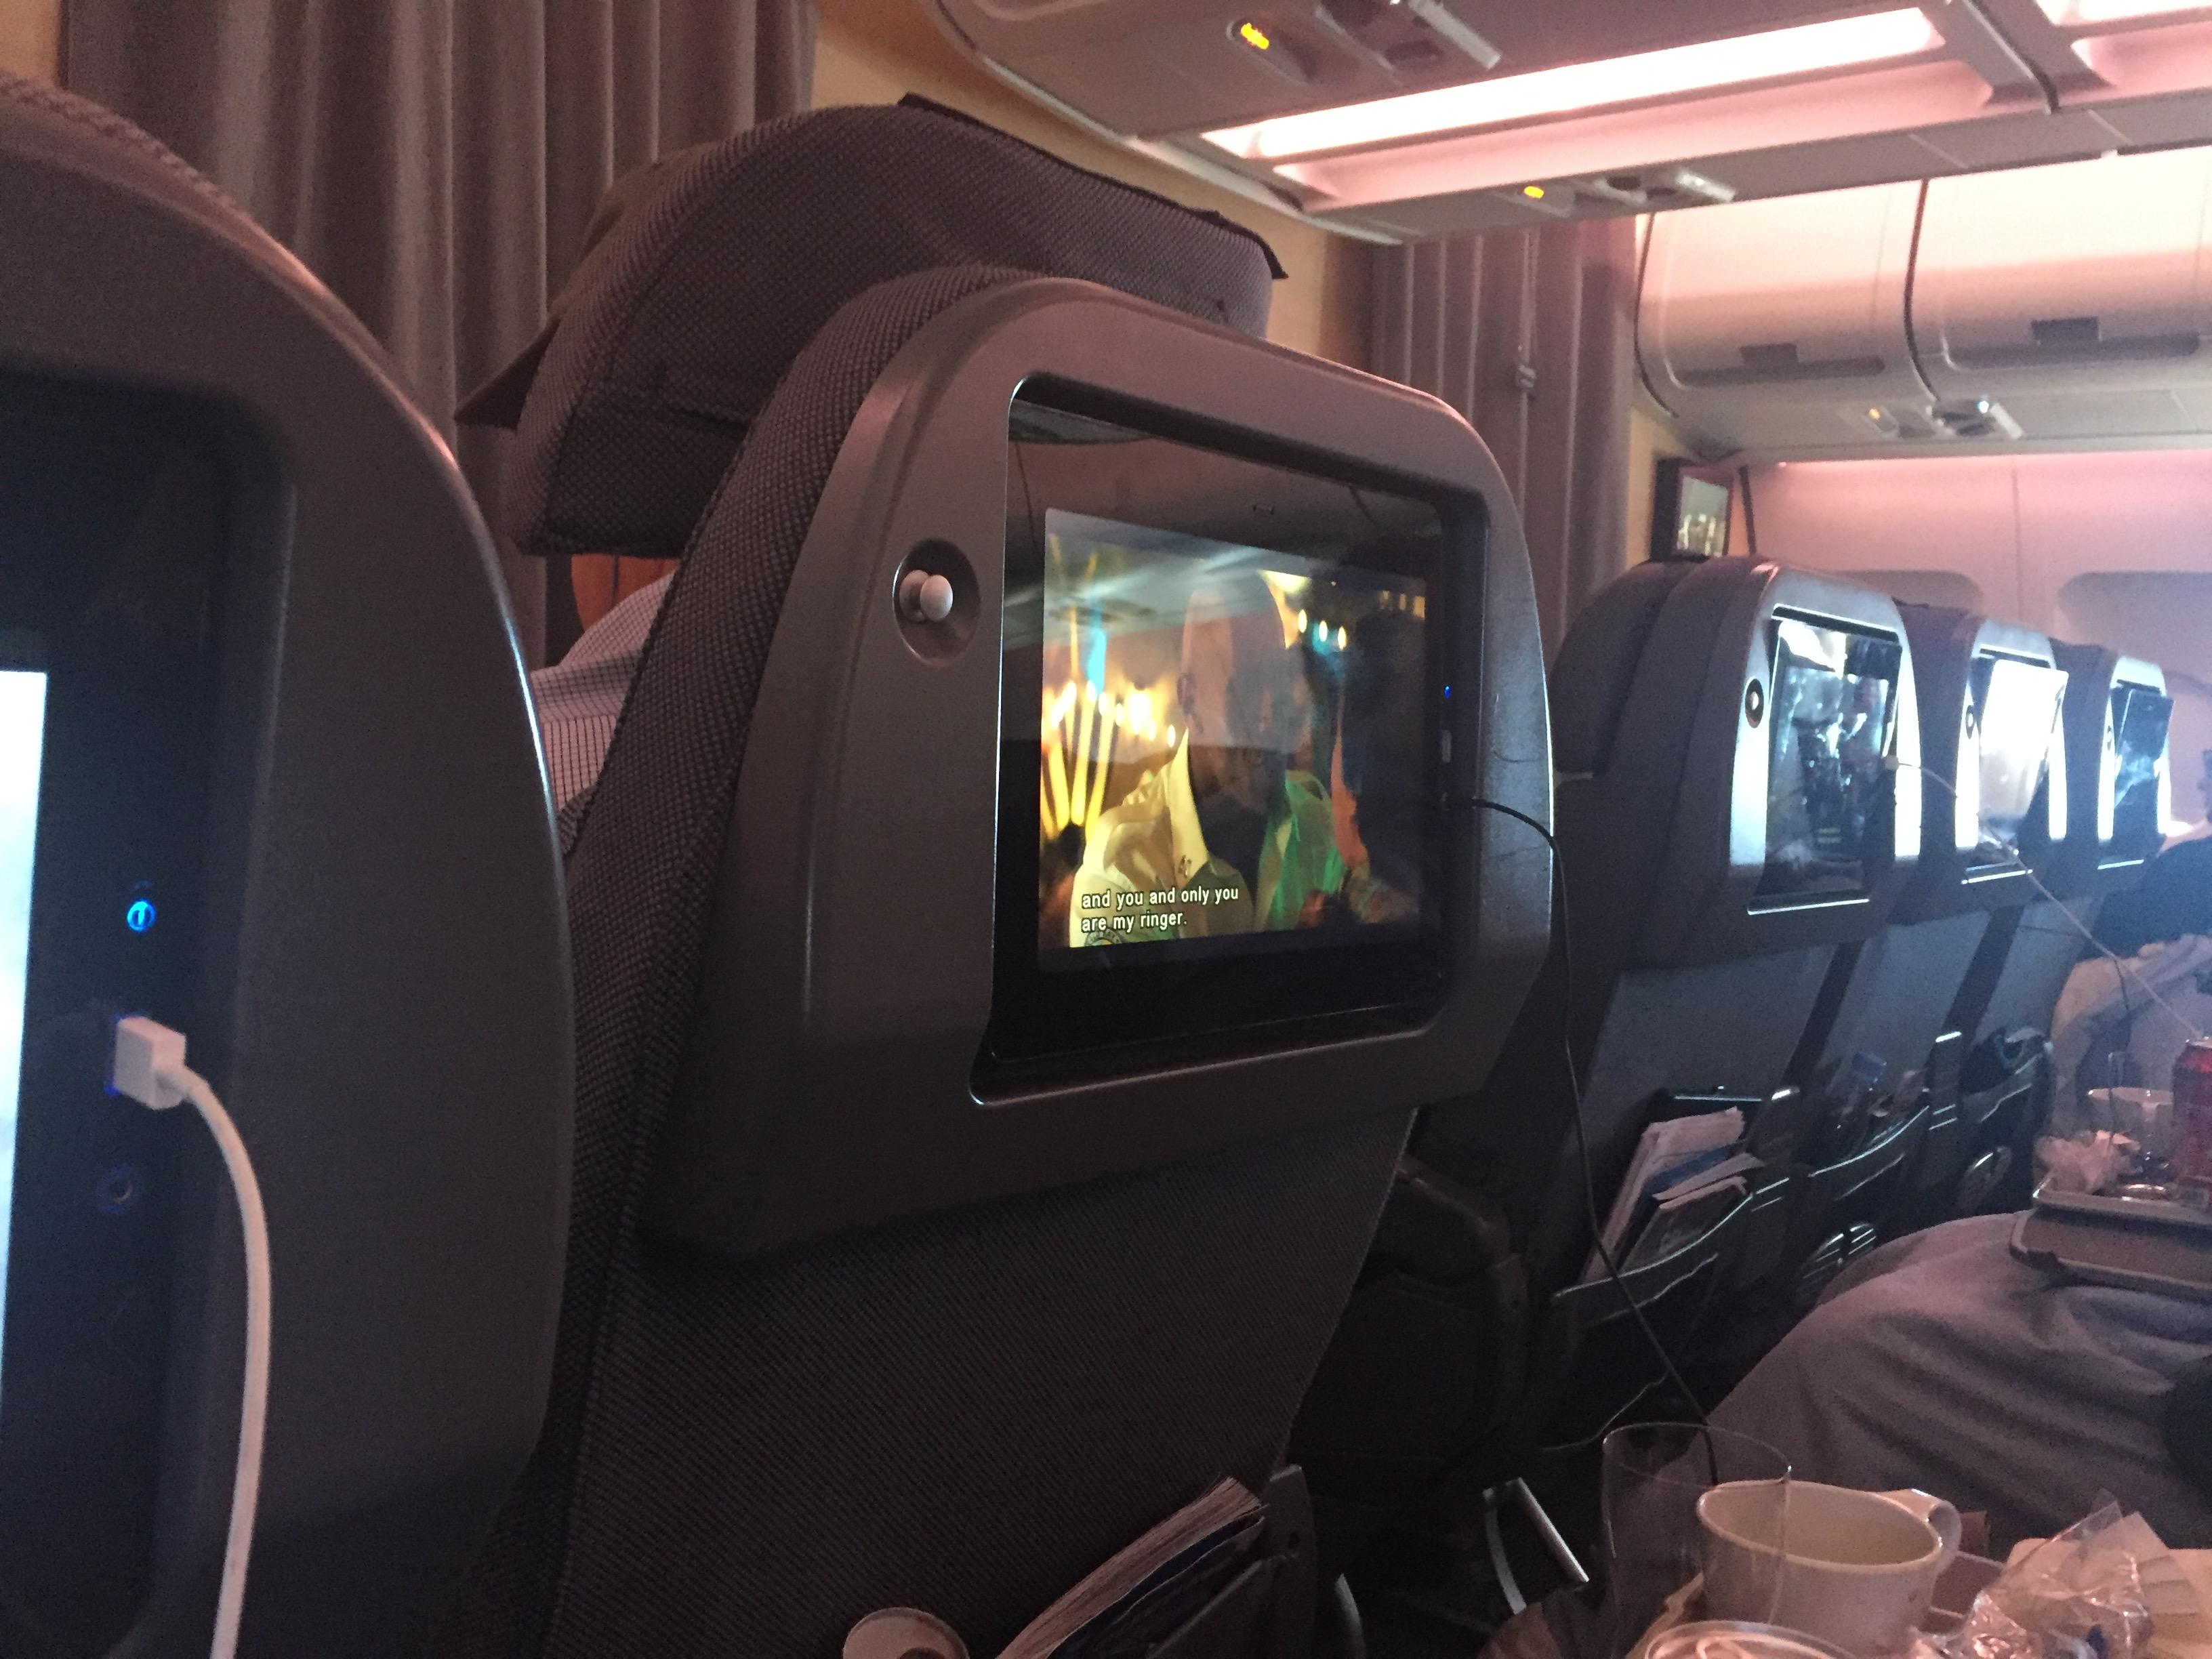 Touch-screen-skærmene på SAS Plus. Foto: Danny Longhi Andreasen